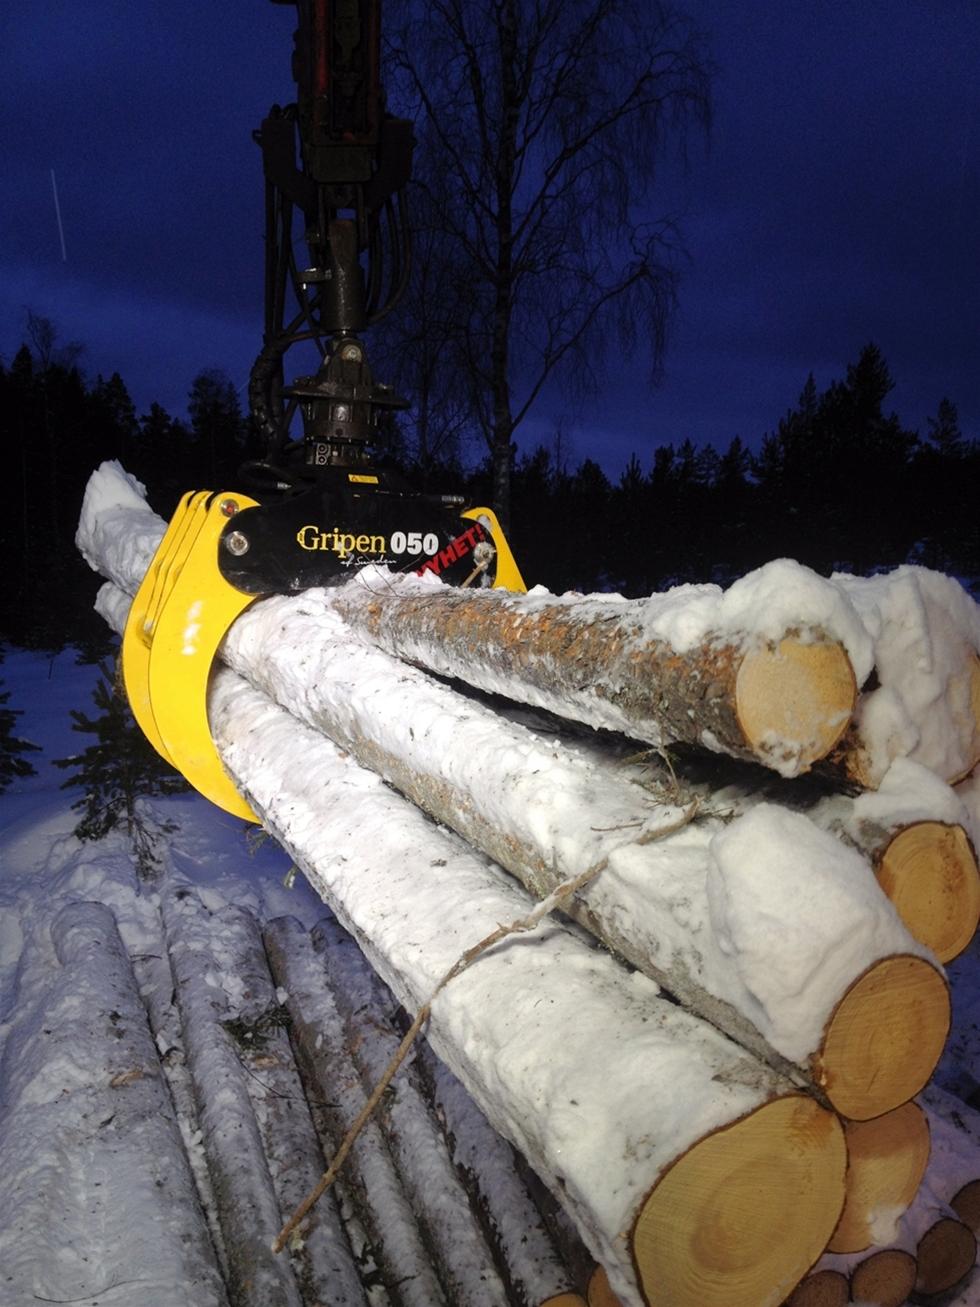 Virkesgriparsortimentet för skogstransport har kompletterats med en ny storlek mellan befintliga HSP Gripen 040 och HSP Gripen 055. Modellen har utvecklats och testats i nära sammarbete med lokala lastbilsåkare. –Vi fortsätter med framgångskonceptet att lyssna till våra slutanvändare och utveckla produkterna i den riktningen, säger Tomas Jonsson, Marknadschef vid HSP Gripen. Med 050an har vi […]